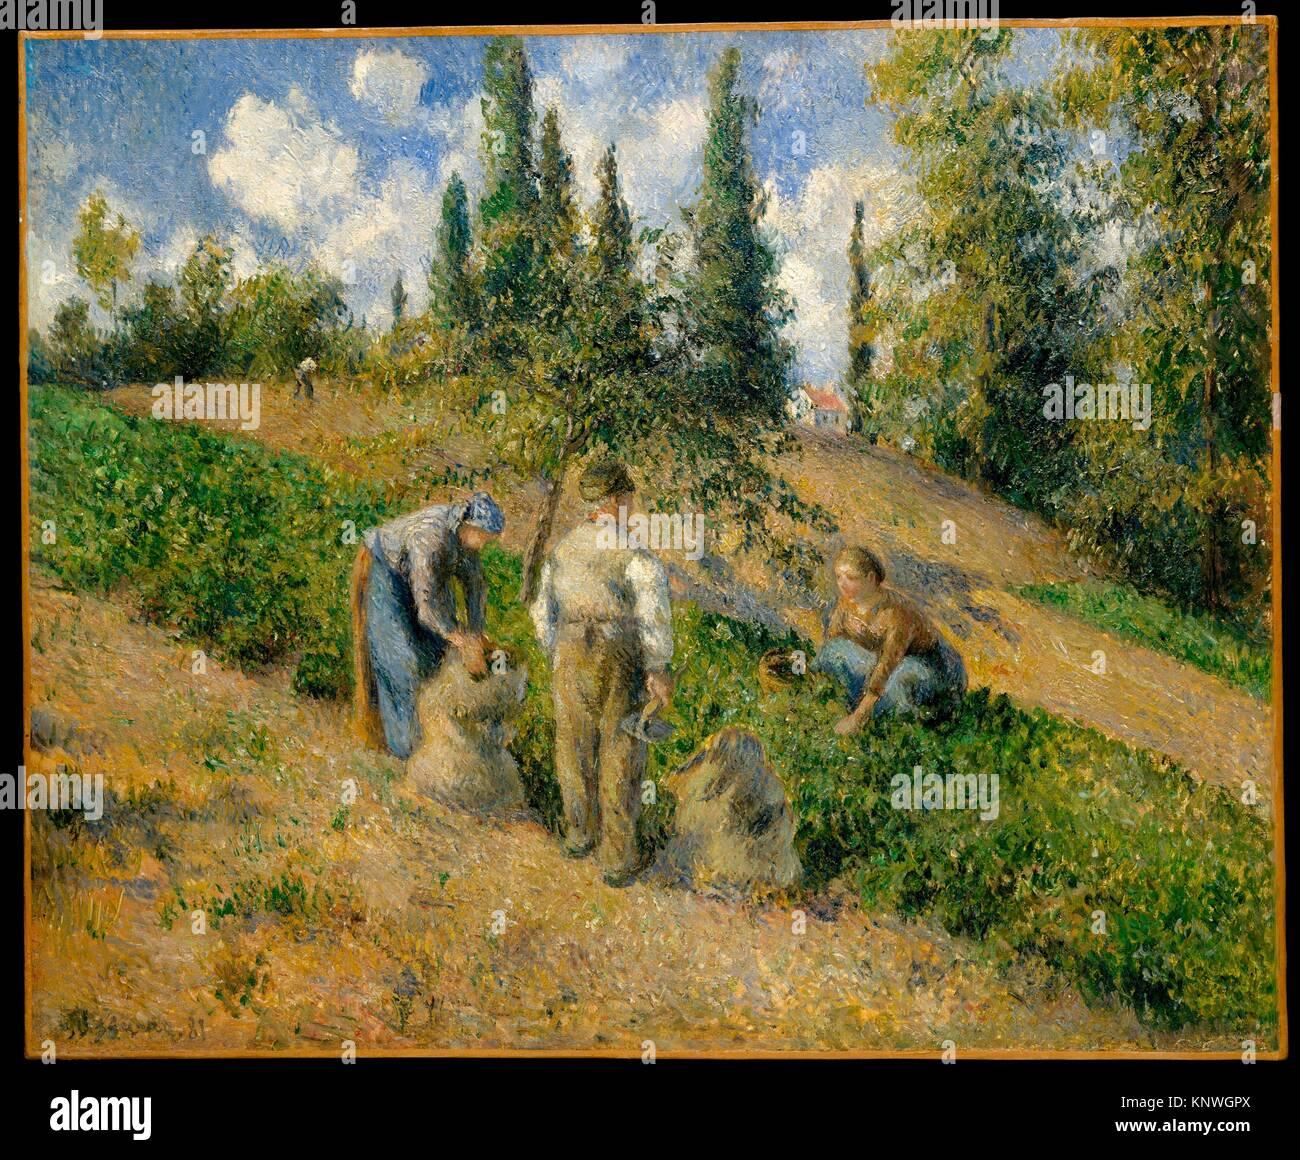 The Harvest, Pontoise (La Récolte, Pontoise). Artist: Camille Pissarro (French, Charlotte Amalie, Saint Thomas - Stock Image